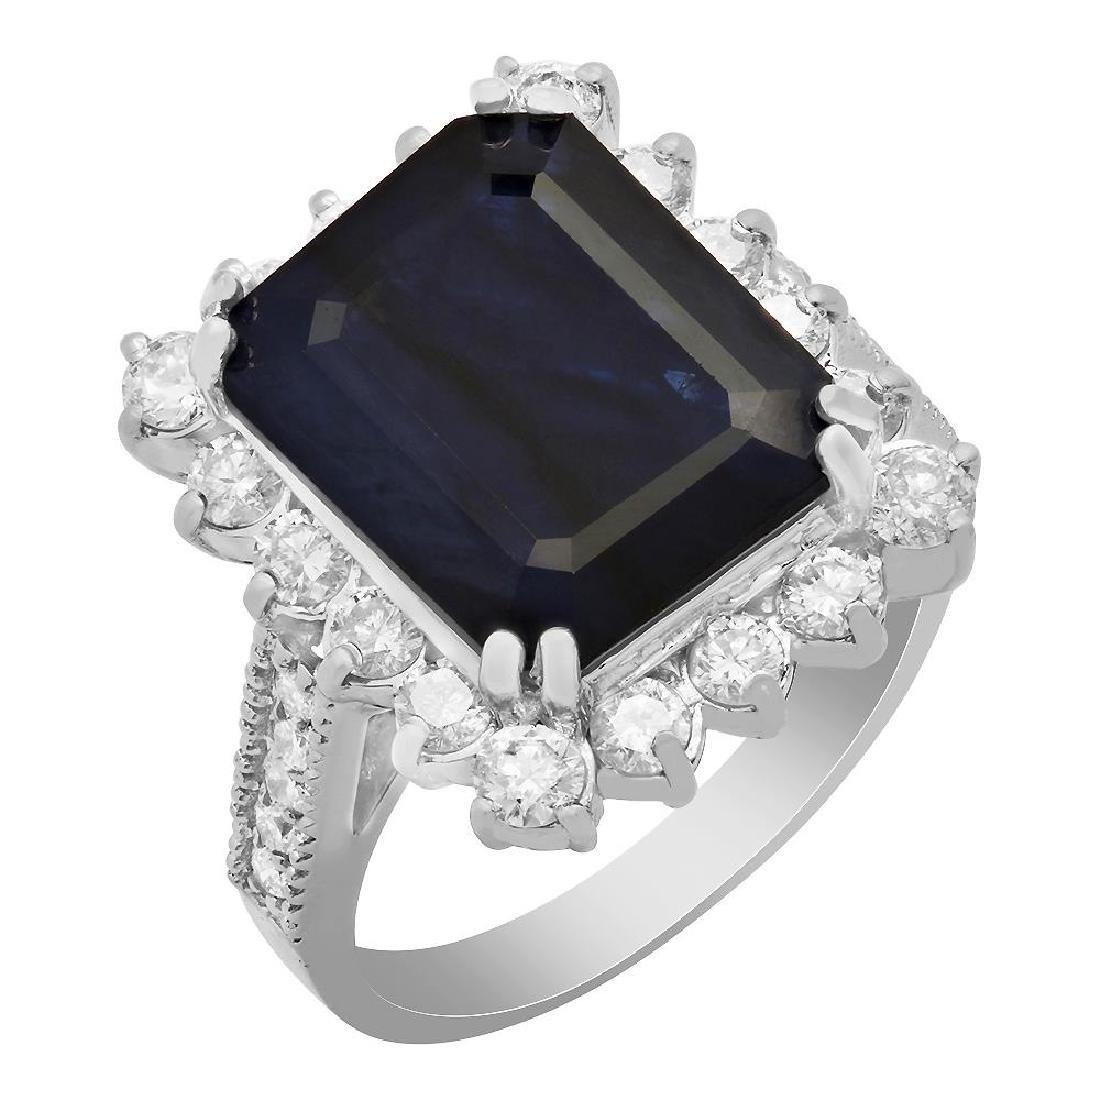 14k White Gold 7.18ct Sapphire 1.27ct Diamond Ring